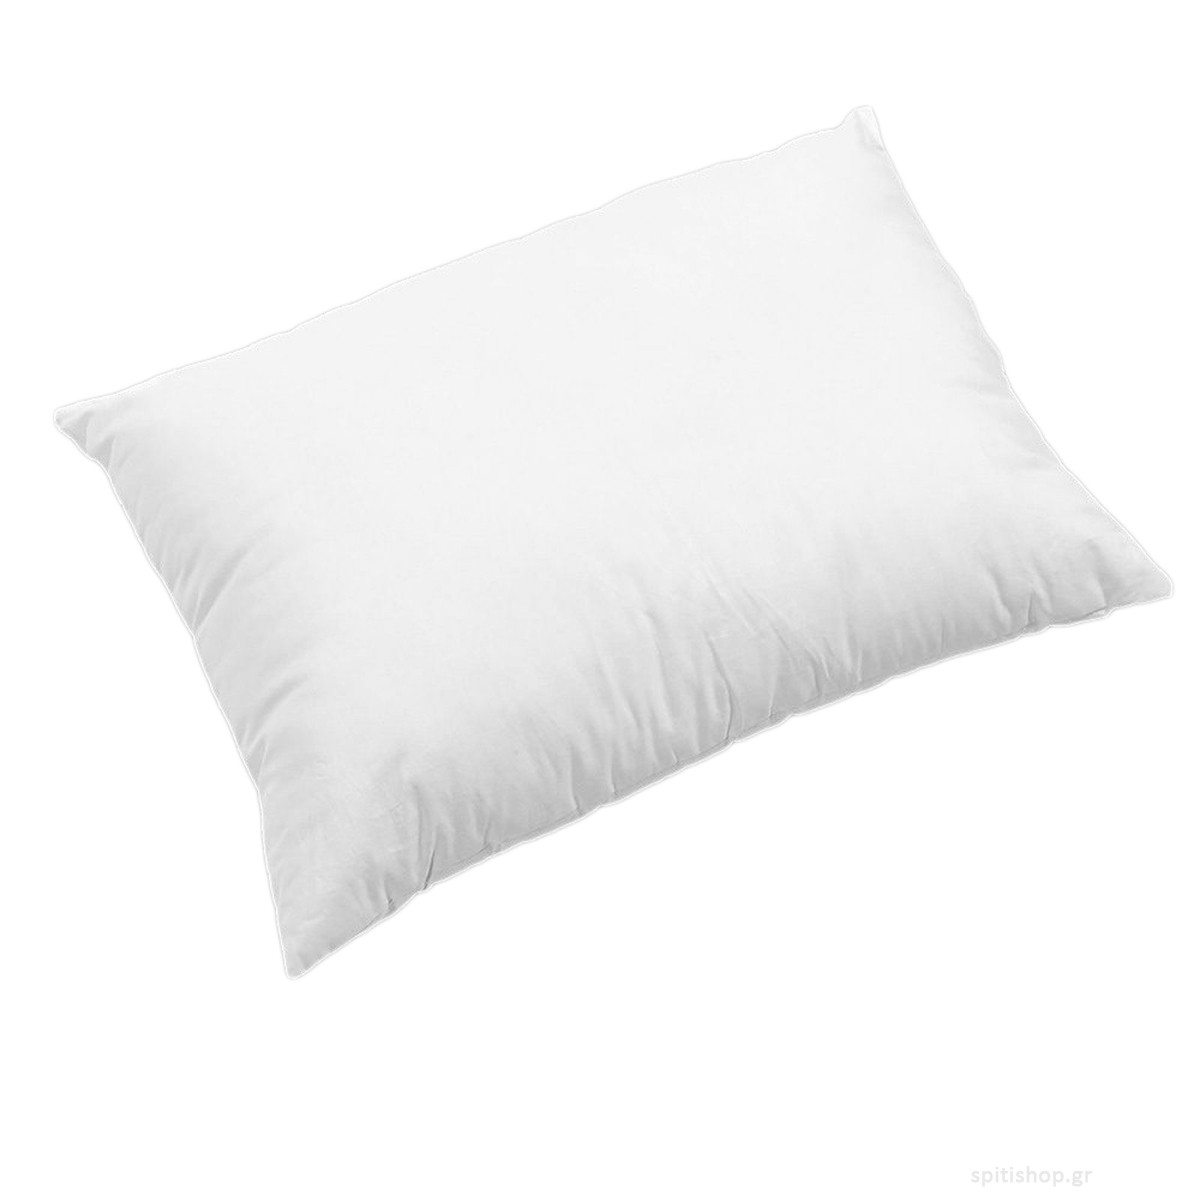 Μαξιλάρι Ύπνου (50x70) Kentia Accessories Comfort Pillow home   κρεβατοκάμαρα   μαξιλάρια   μαξιλάρια ύπνου